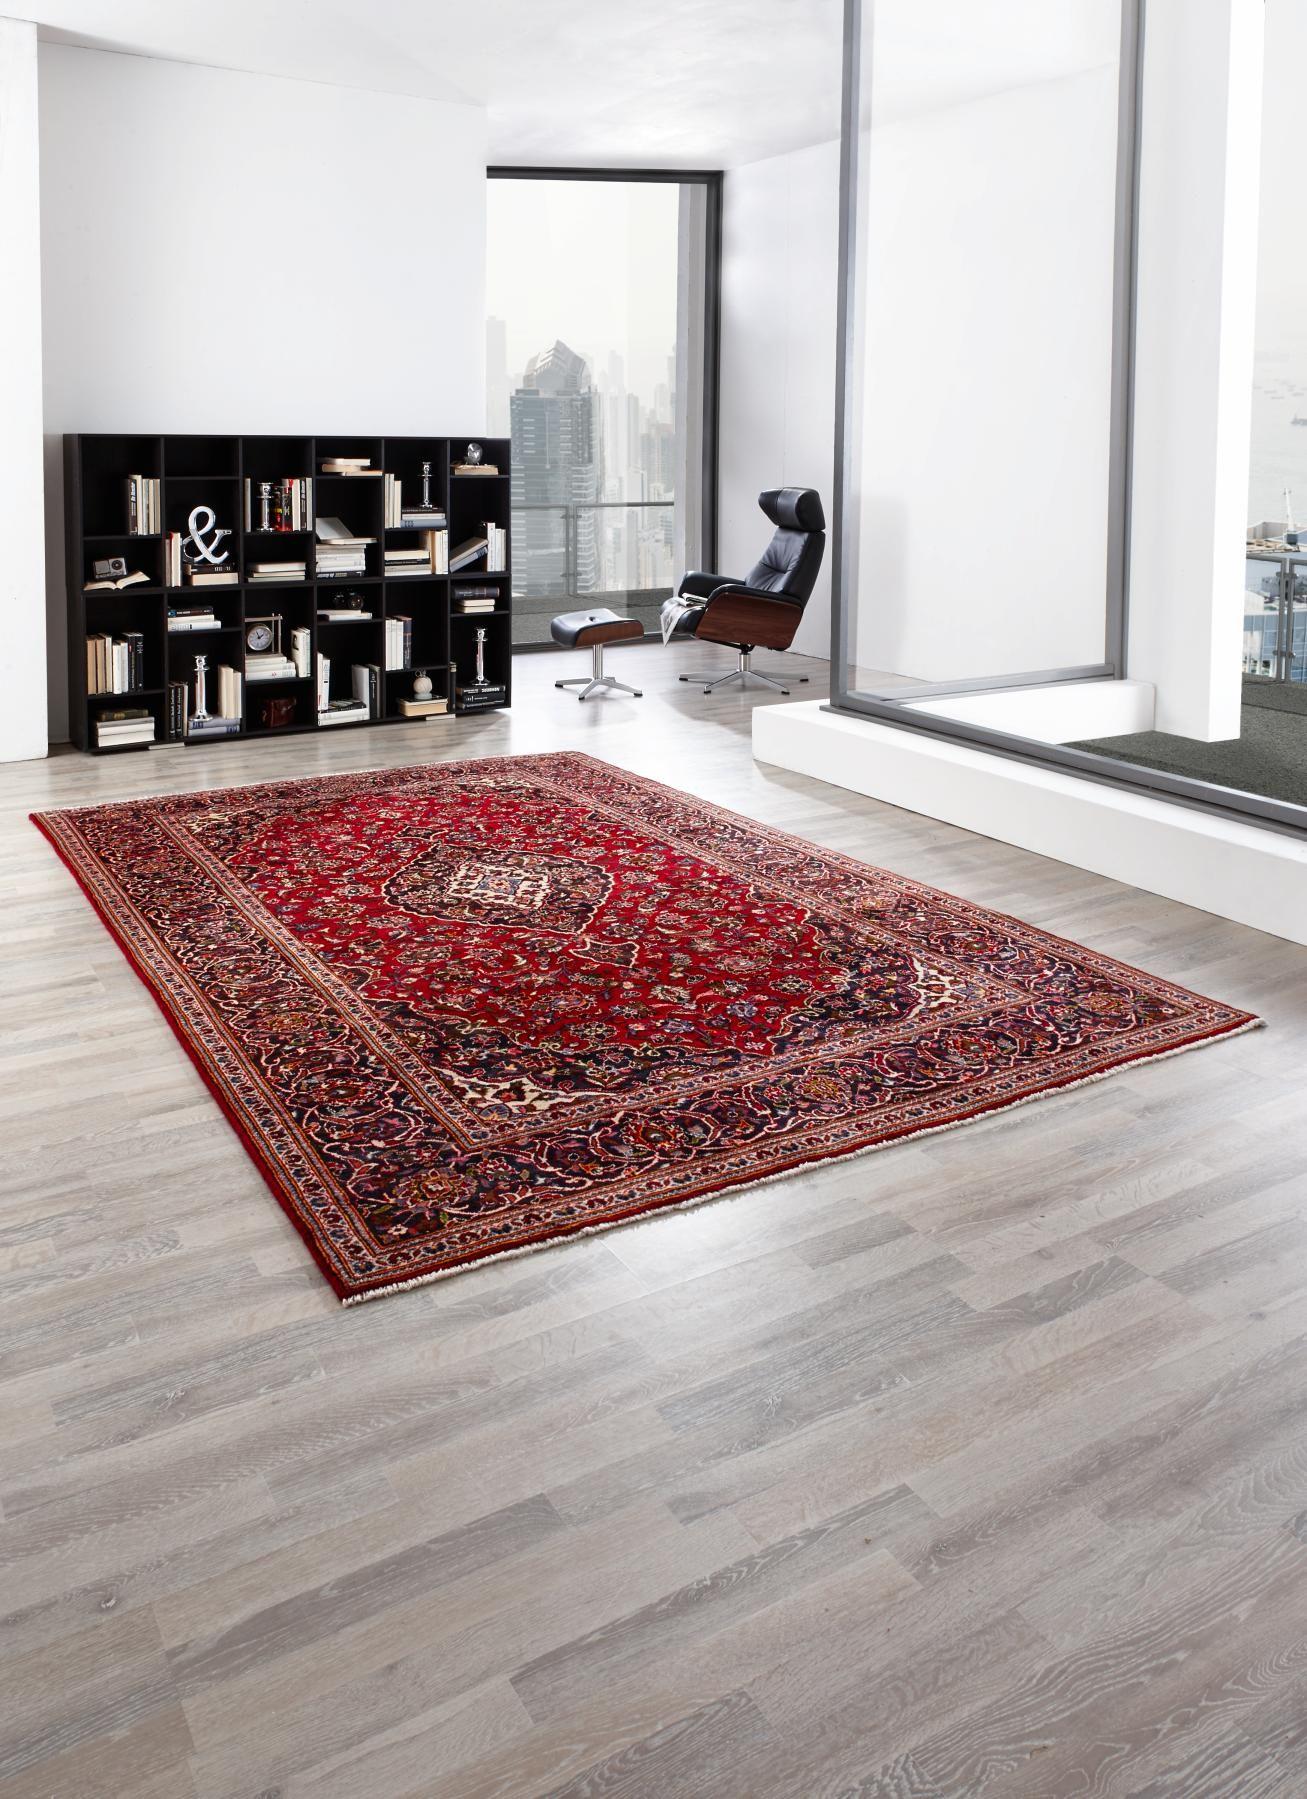 Orientteppiche Rot Mit Orientalischem Muster Handgeknüpfter Teppich Orientteppich Teppich Orient Teppich